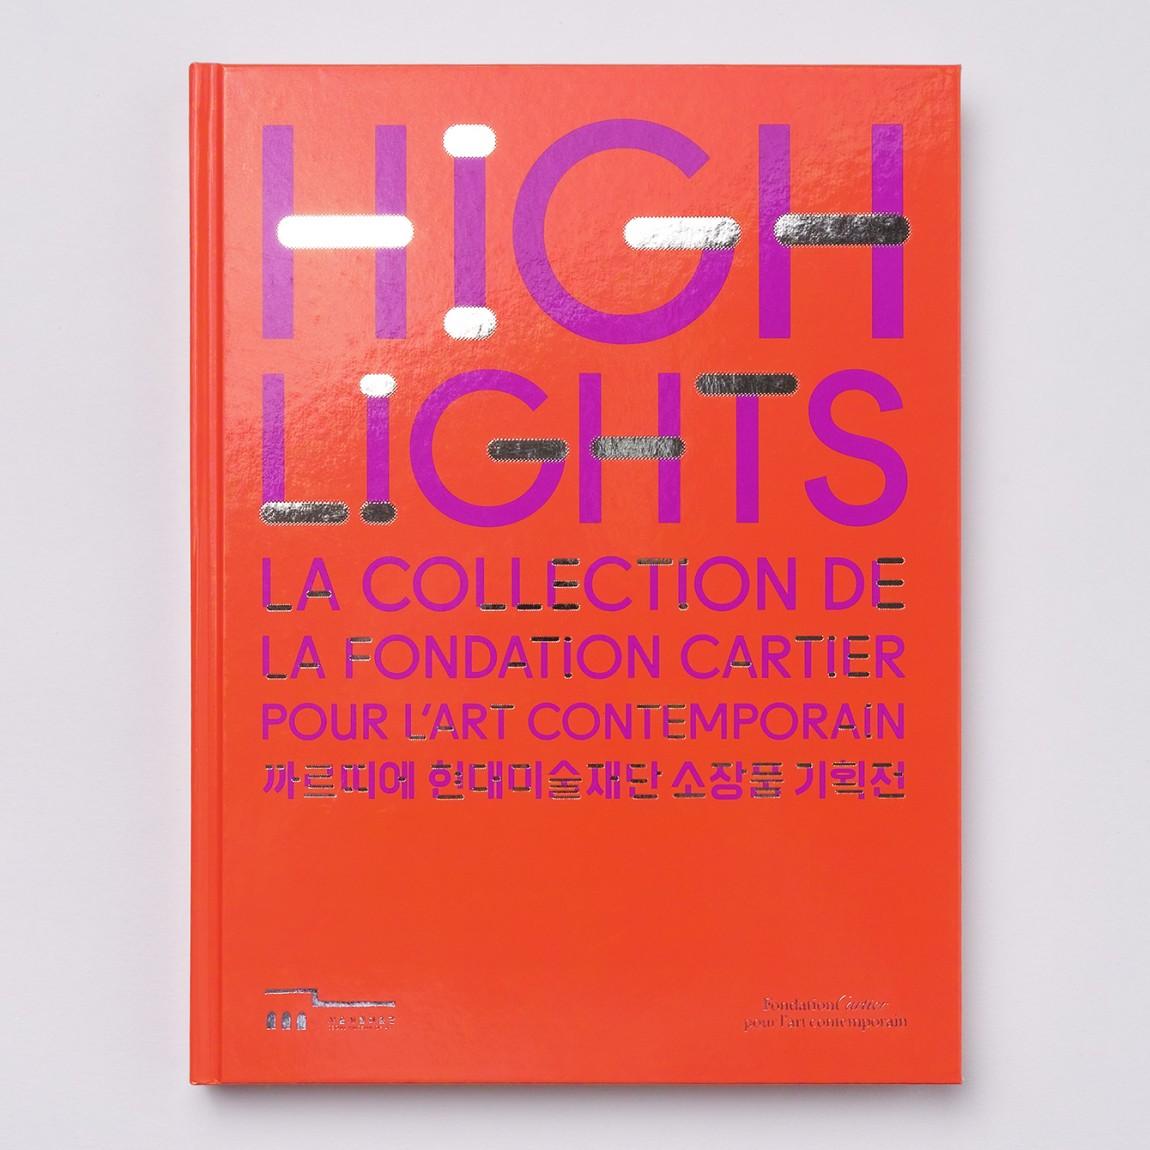 法国当代艺术博物馆作品展(Highlights)品牌创意整体形象设计, vi设计